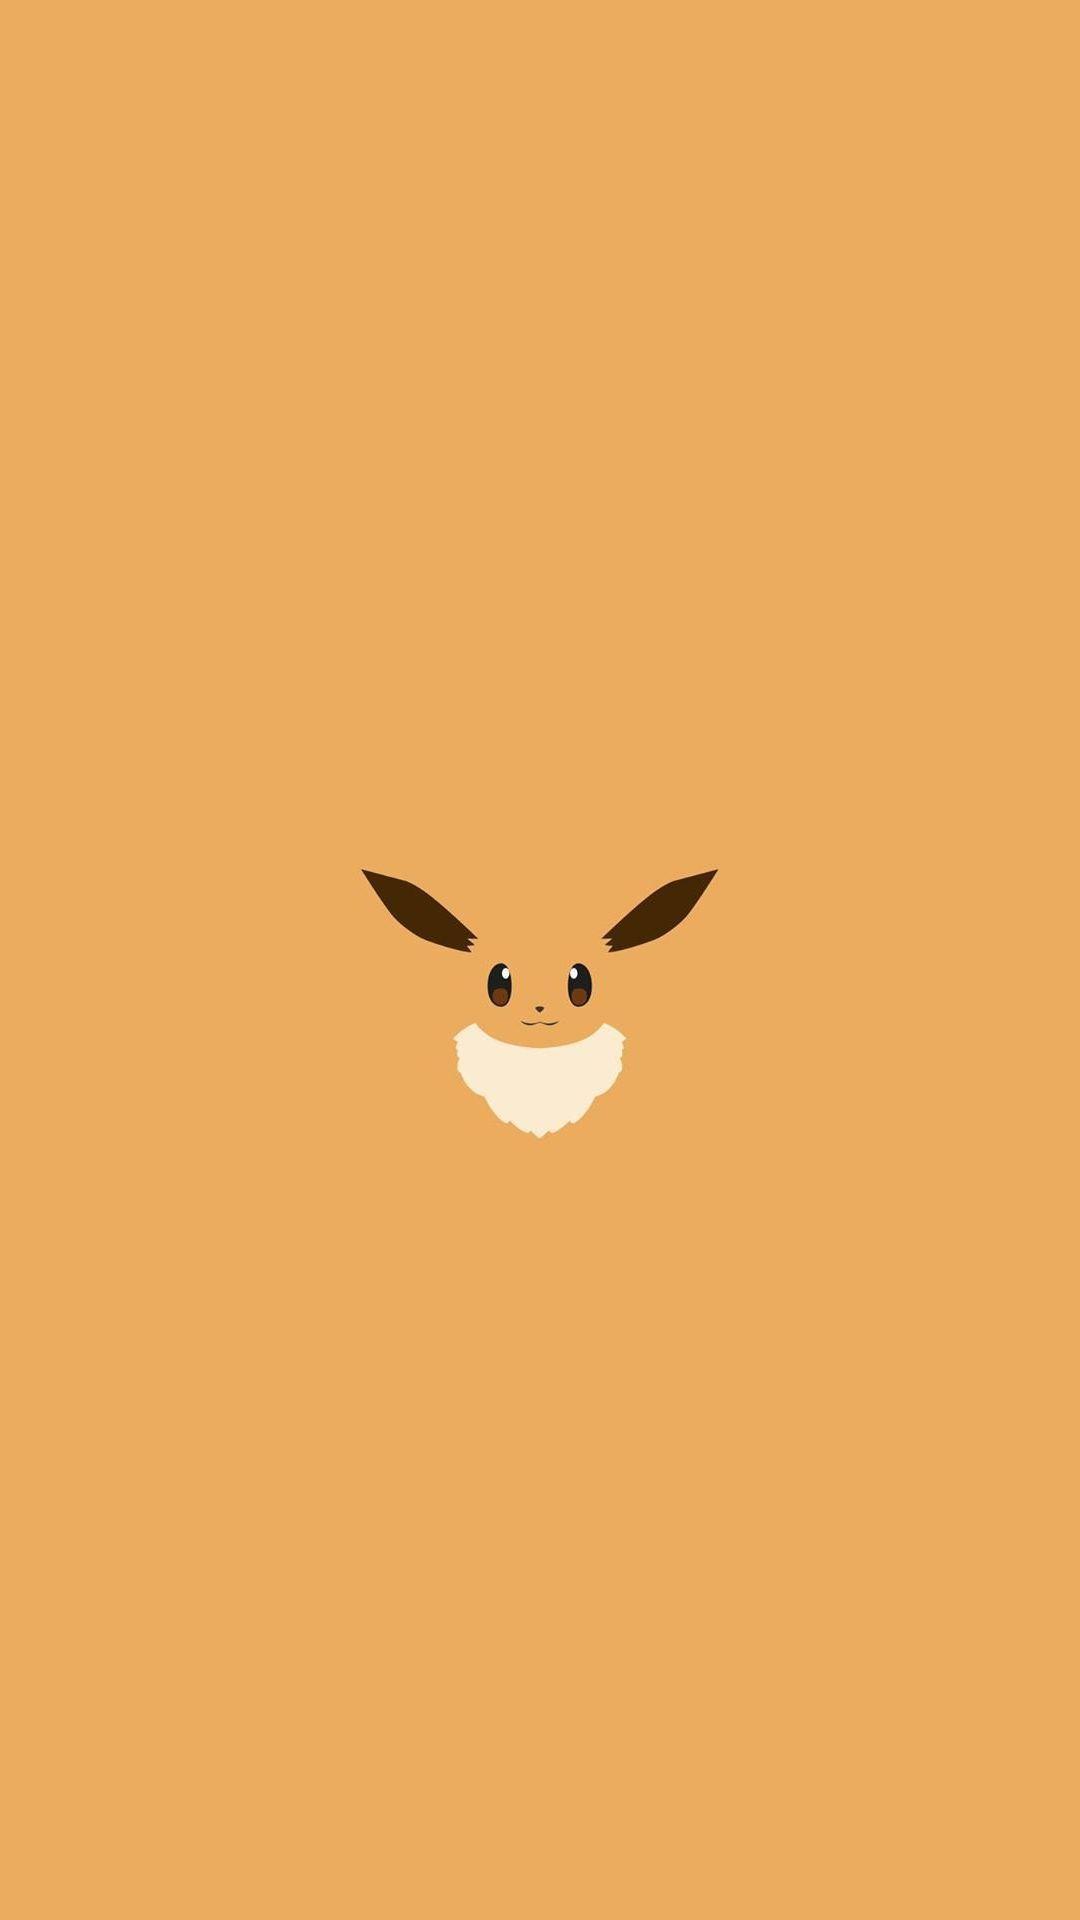 eevee pokemon character iphone 6+ hd wallpaper - http